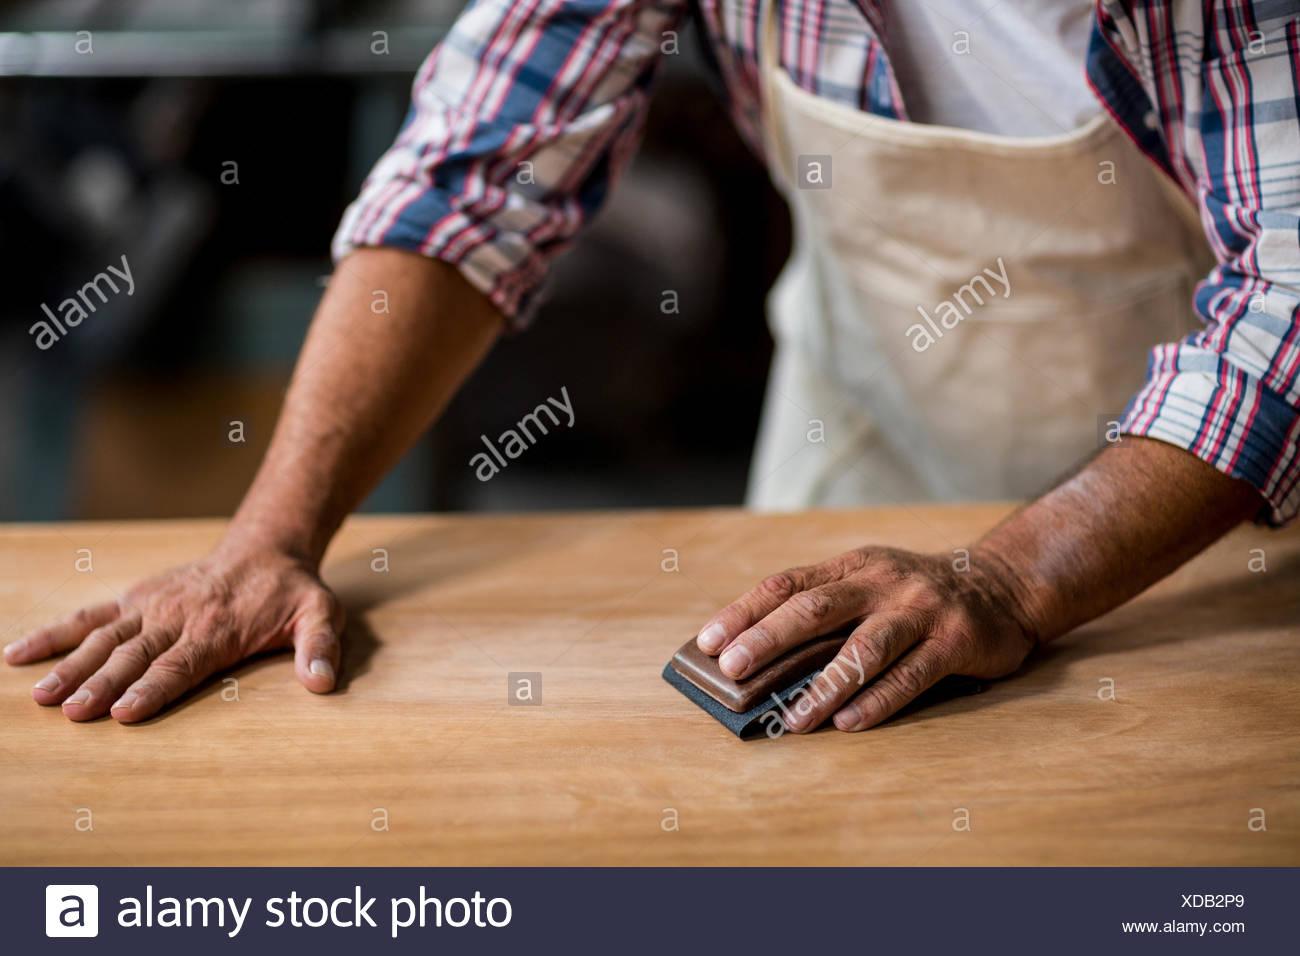 Tischler Holz Reiben Mit Schleifklotz Stockfoto Bild 283600081 Alamy